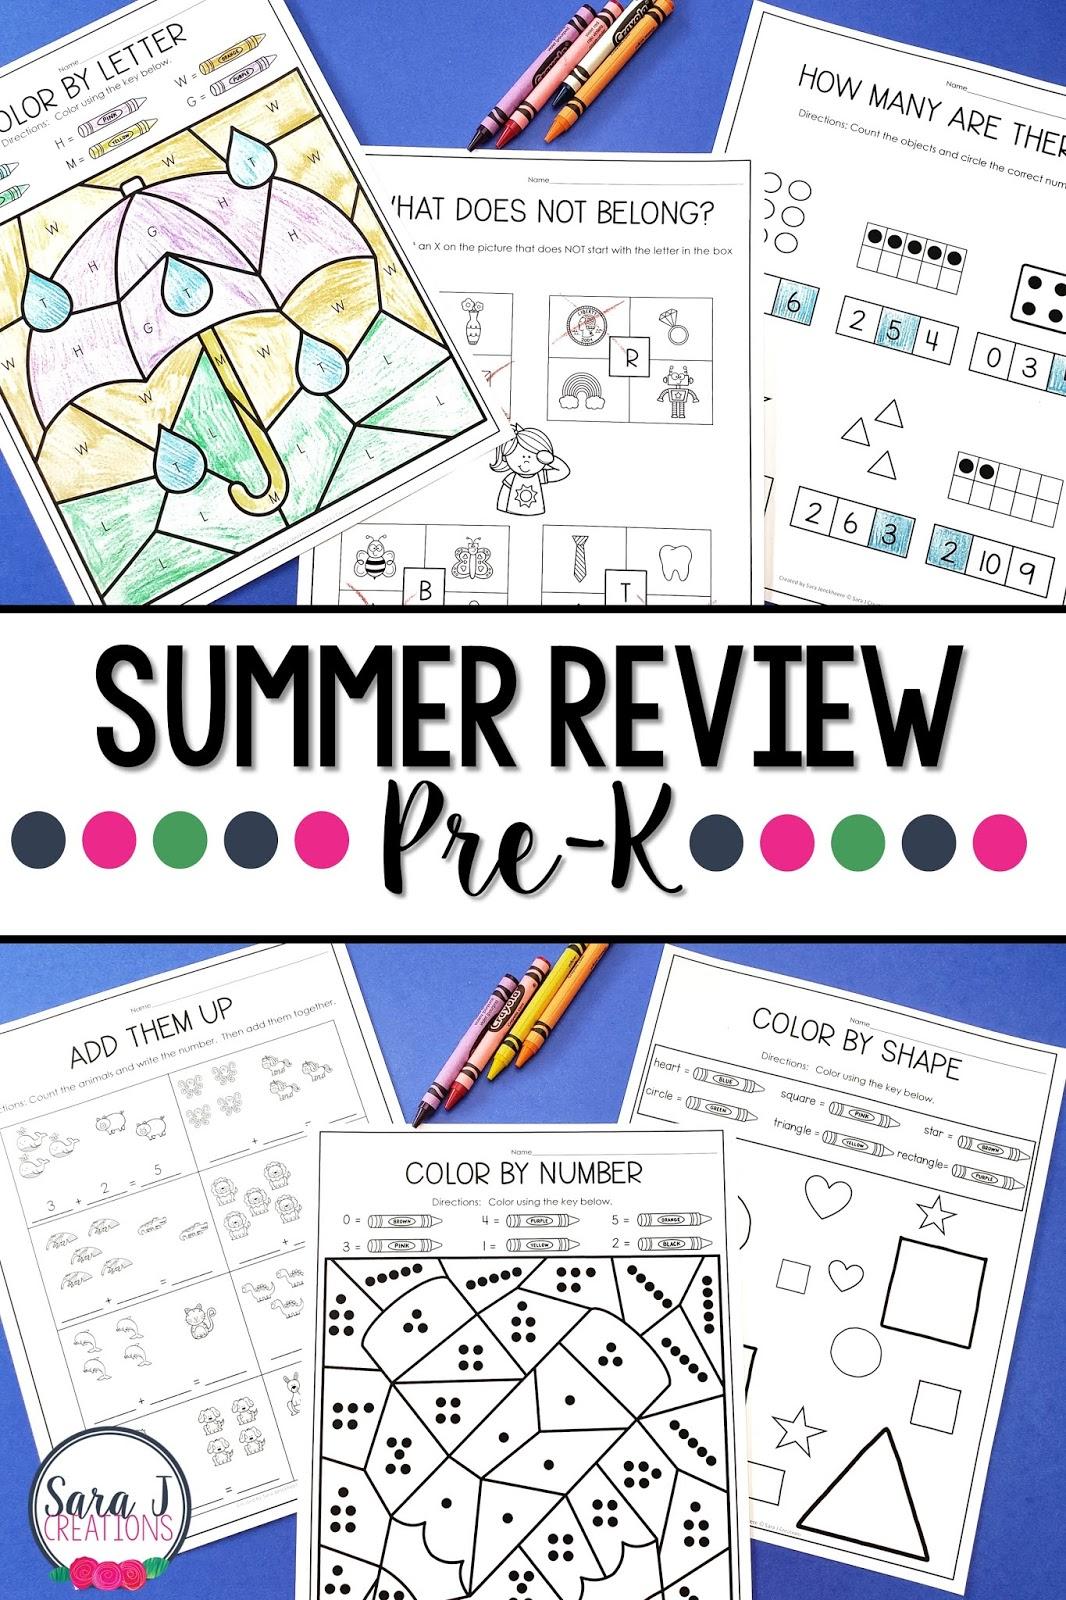 medium resolution of Summer Reviews PreK-4th Grade   Sara J Creations